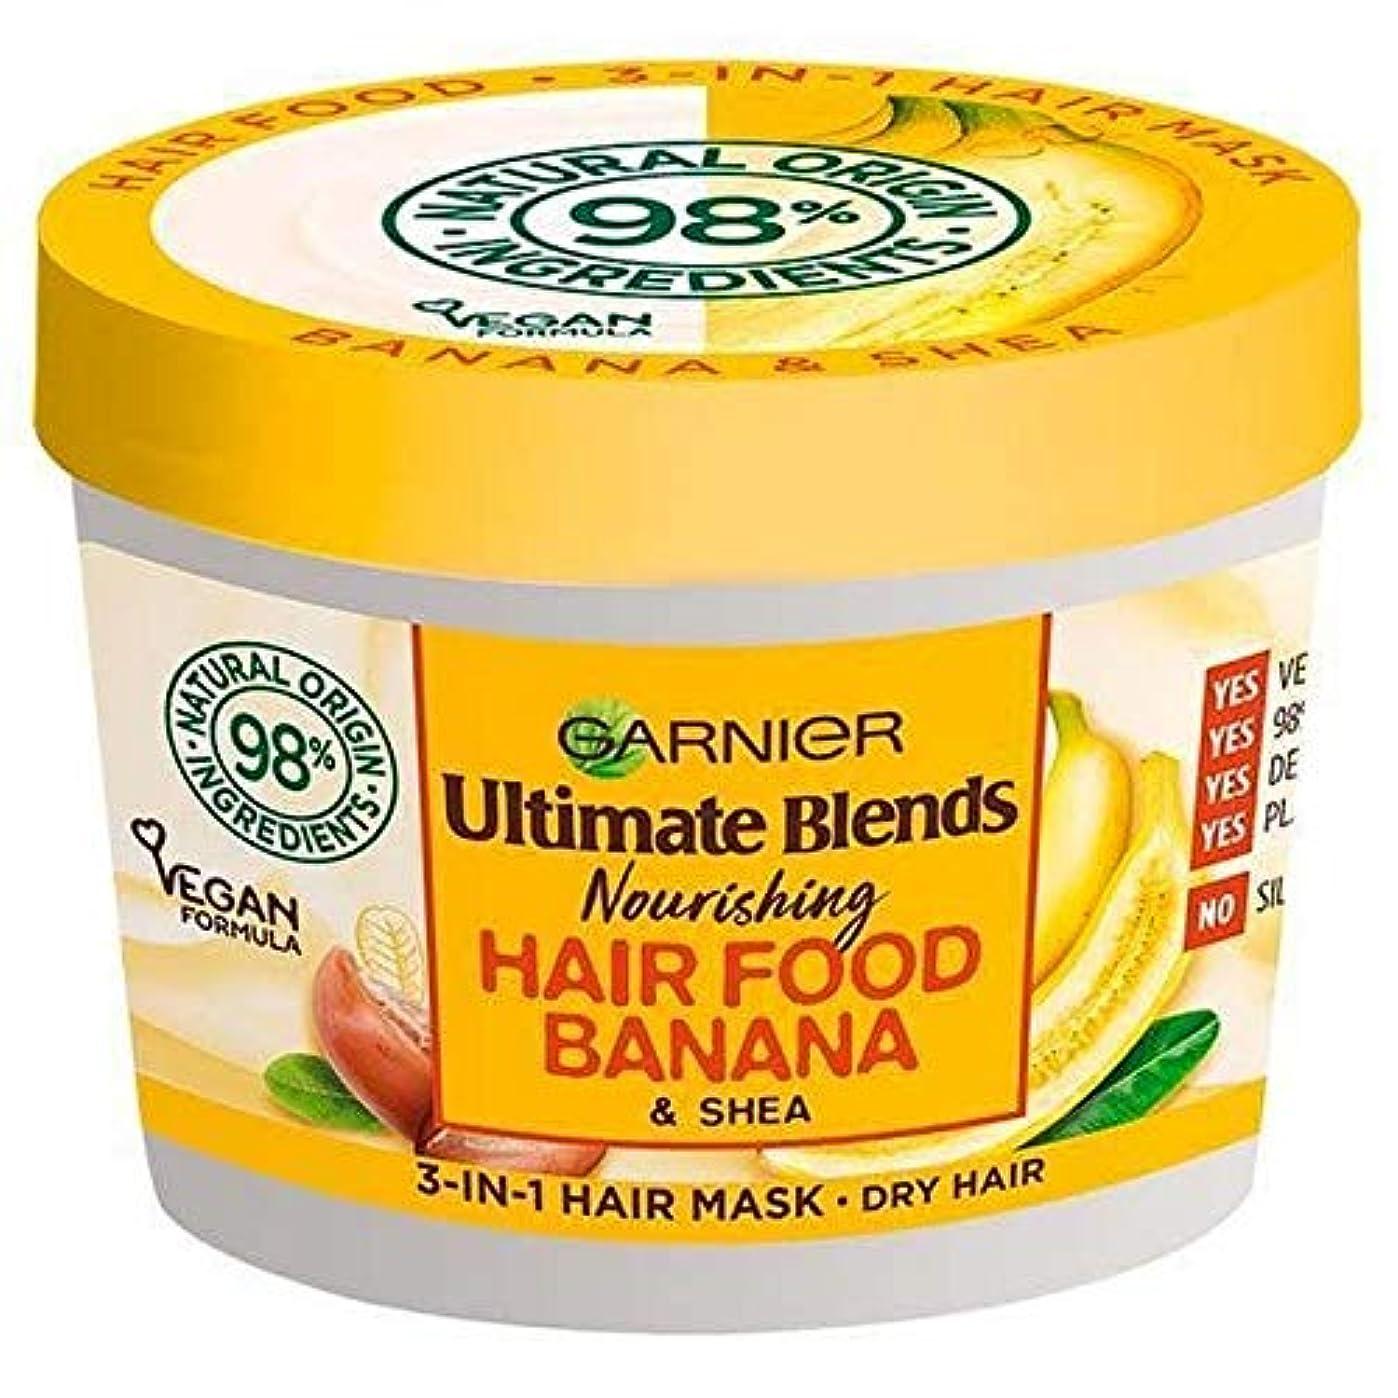 三角形ワイヤー置き場[Garnier ] ガルニエ究極は1つのマスク390ミリリットルでヘア食品バナナ3をブレンド - Garnier Ultimate Blends Hair Food Banana 3 in 1 Mask 390ml [...